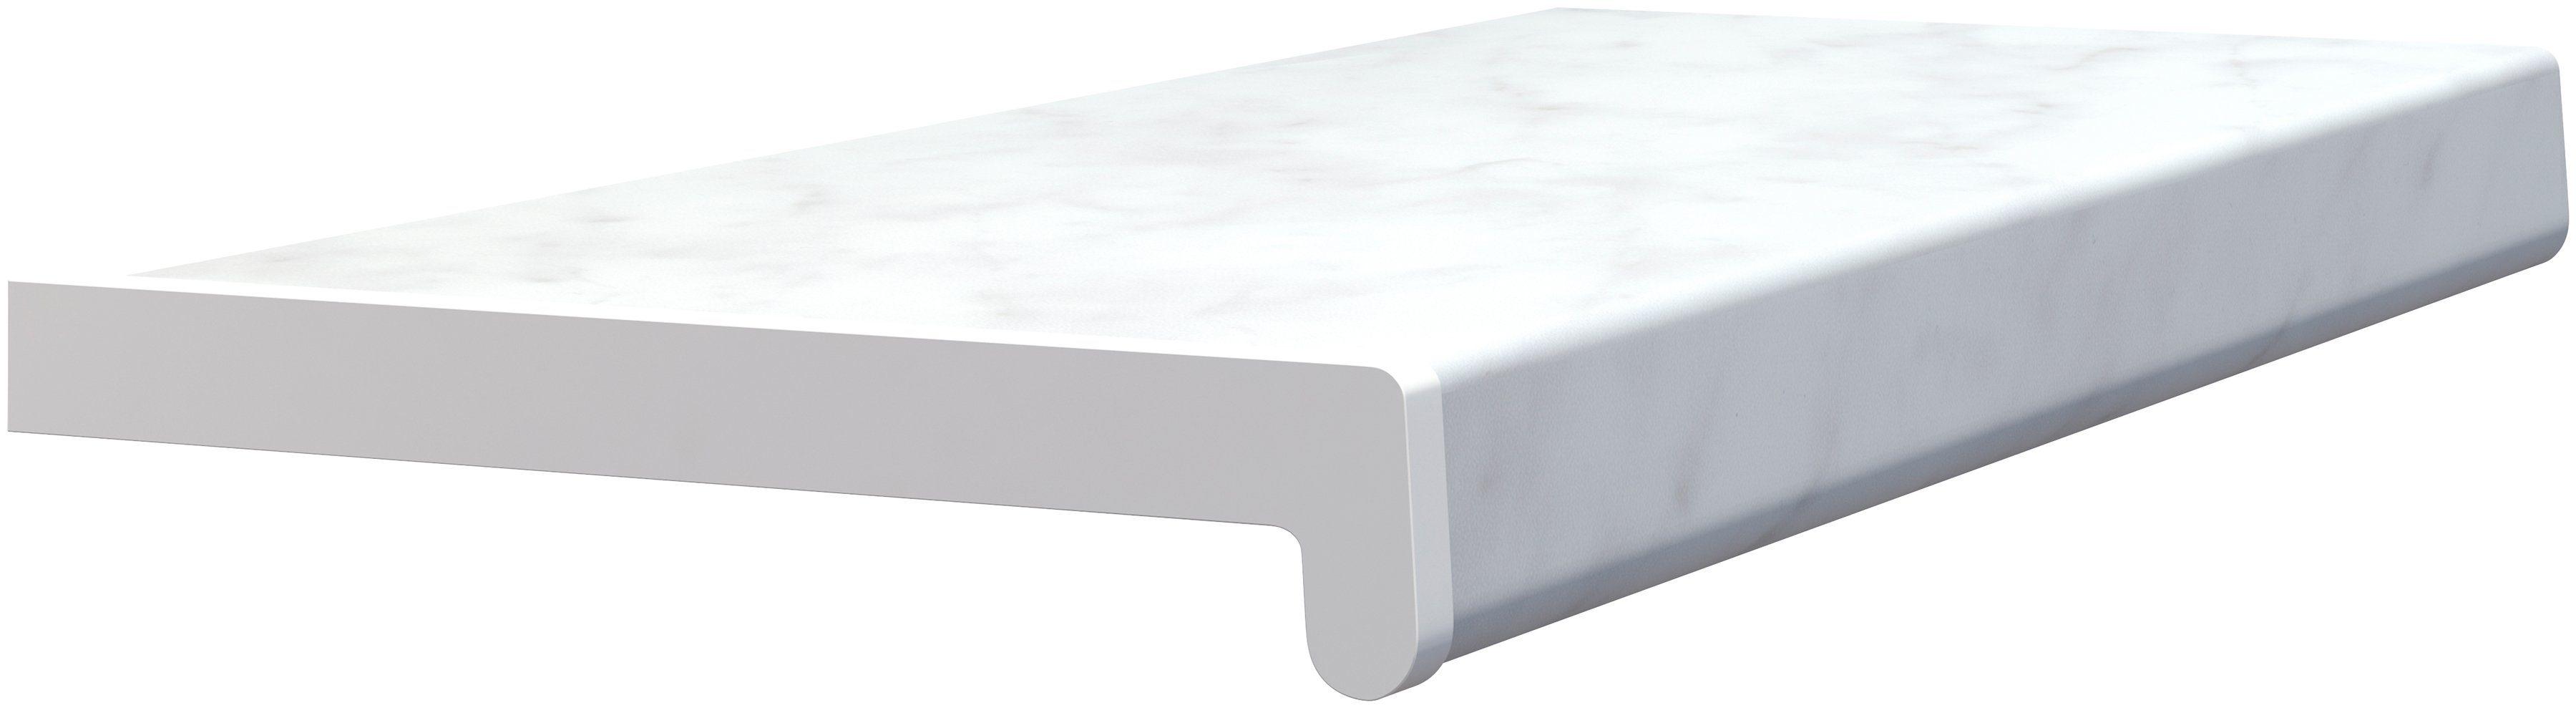 BAUKULIT Fensterbank , LxT: 150x25 cm, Marmor